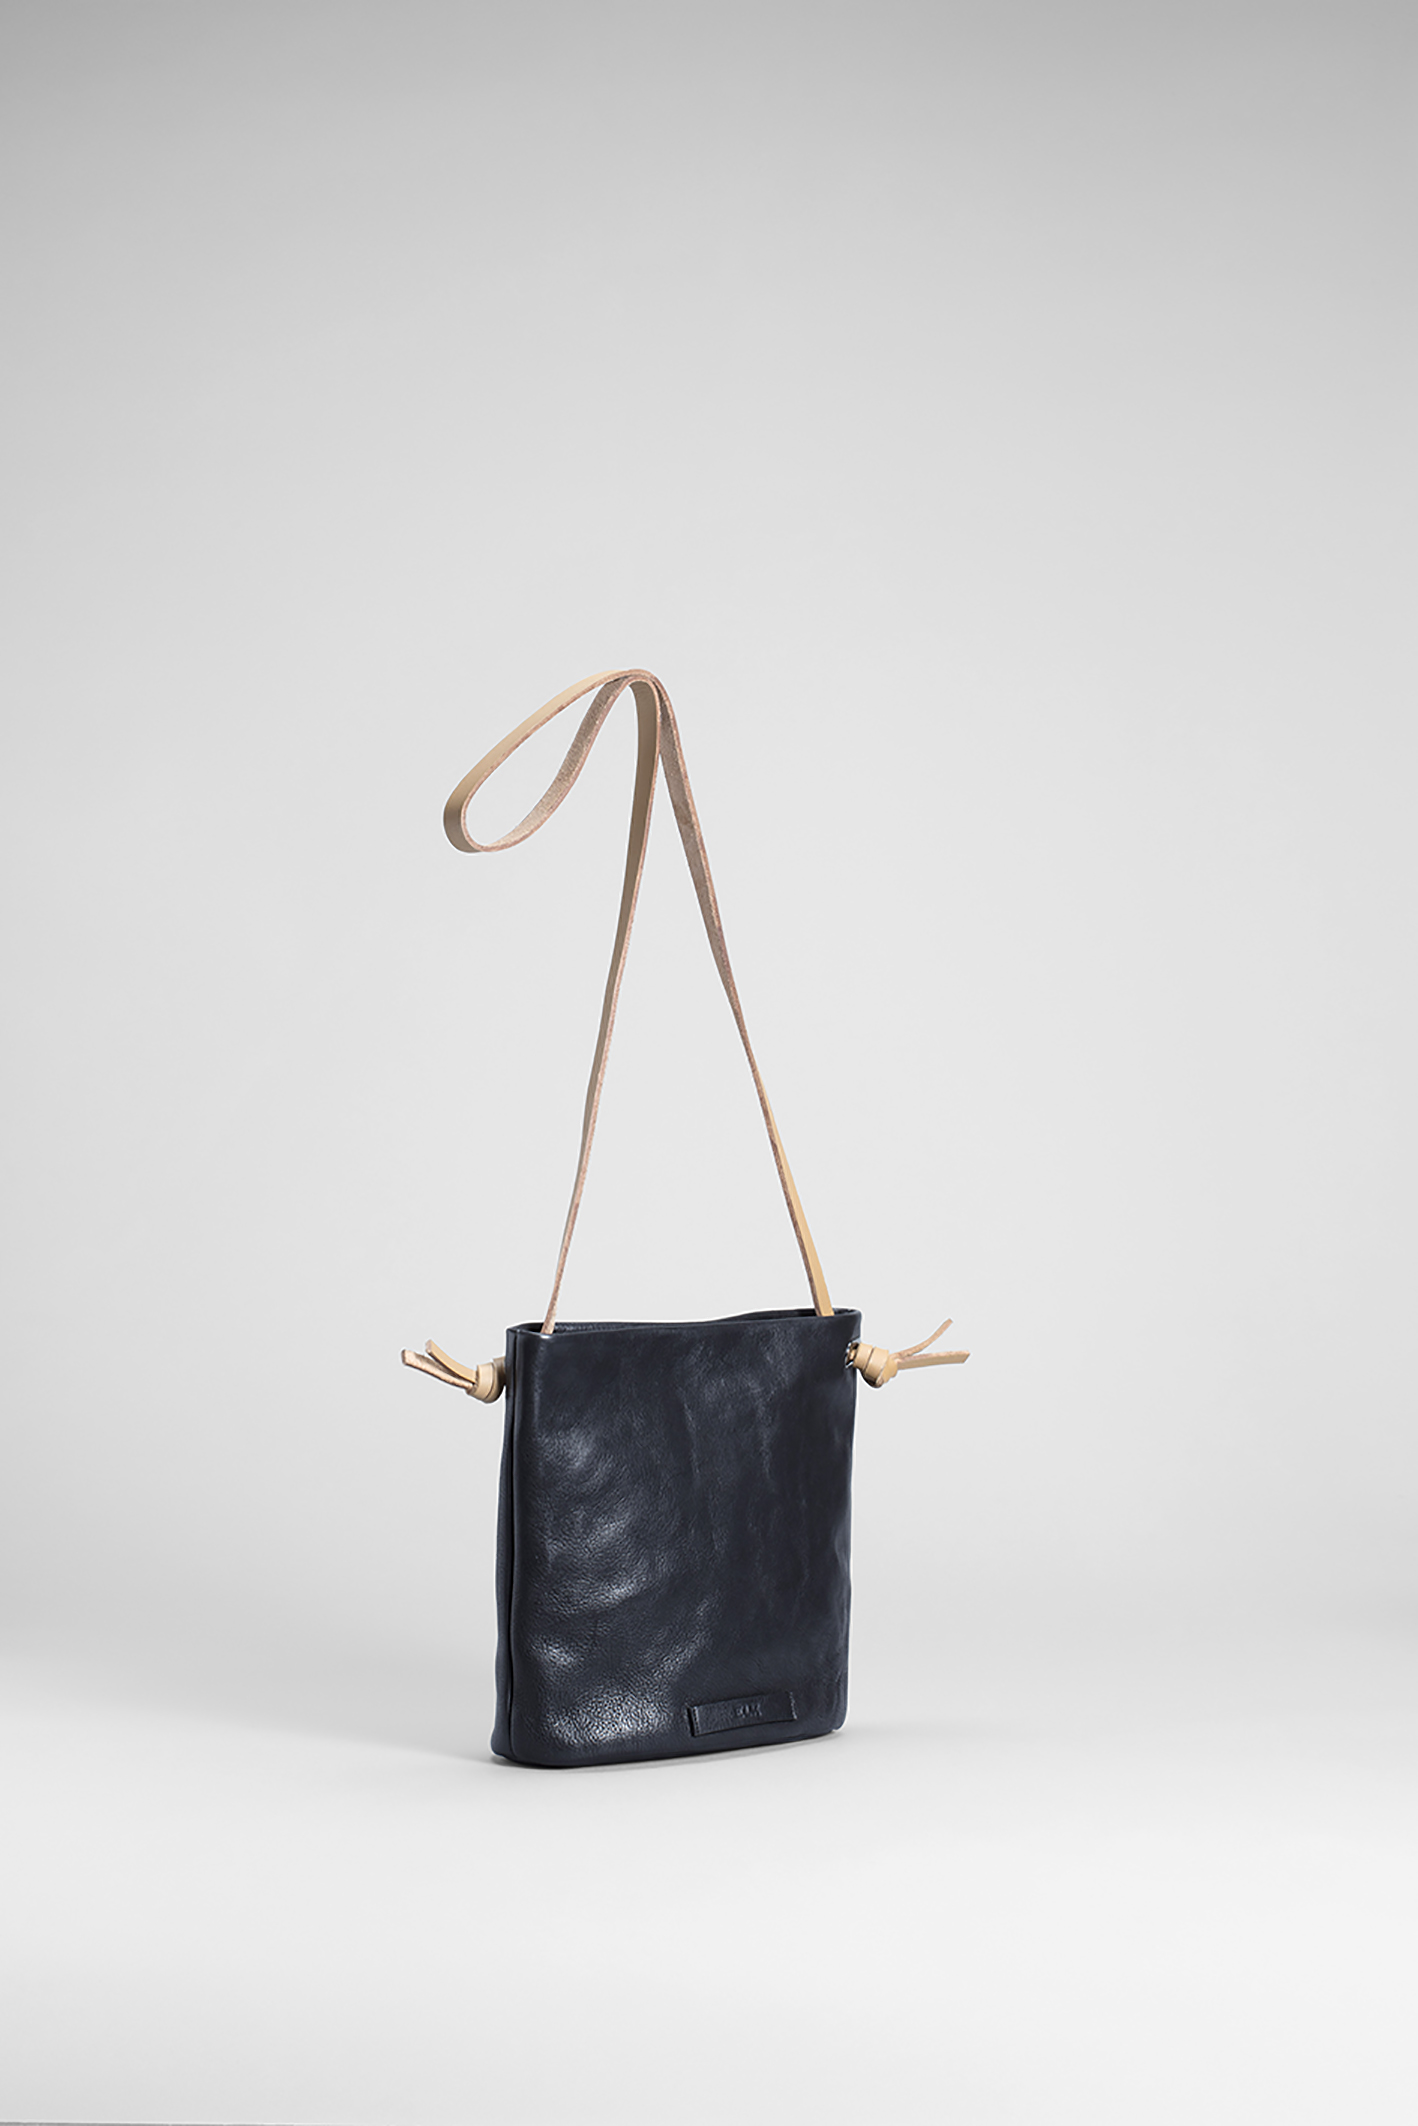 Luna Small Bag Black